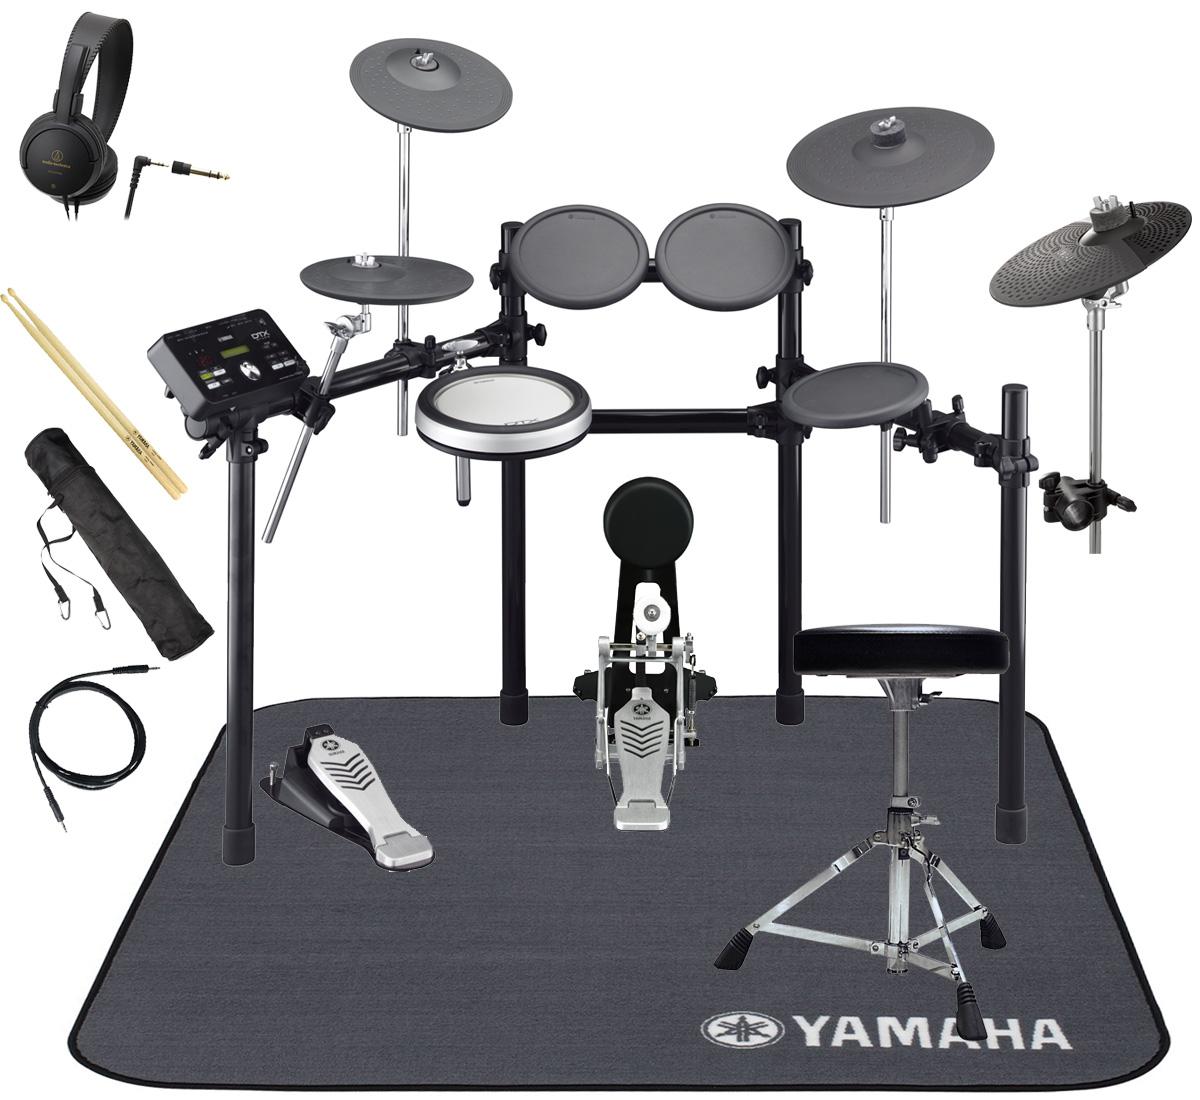 YAMAHA 電子ドラム DTX522KFS 3シンバル オリジナルスターターパック 純正マット付き【YRK】